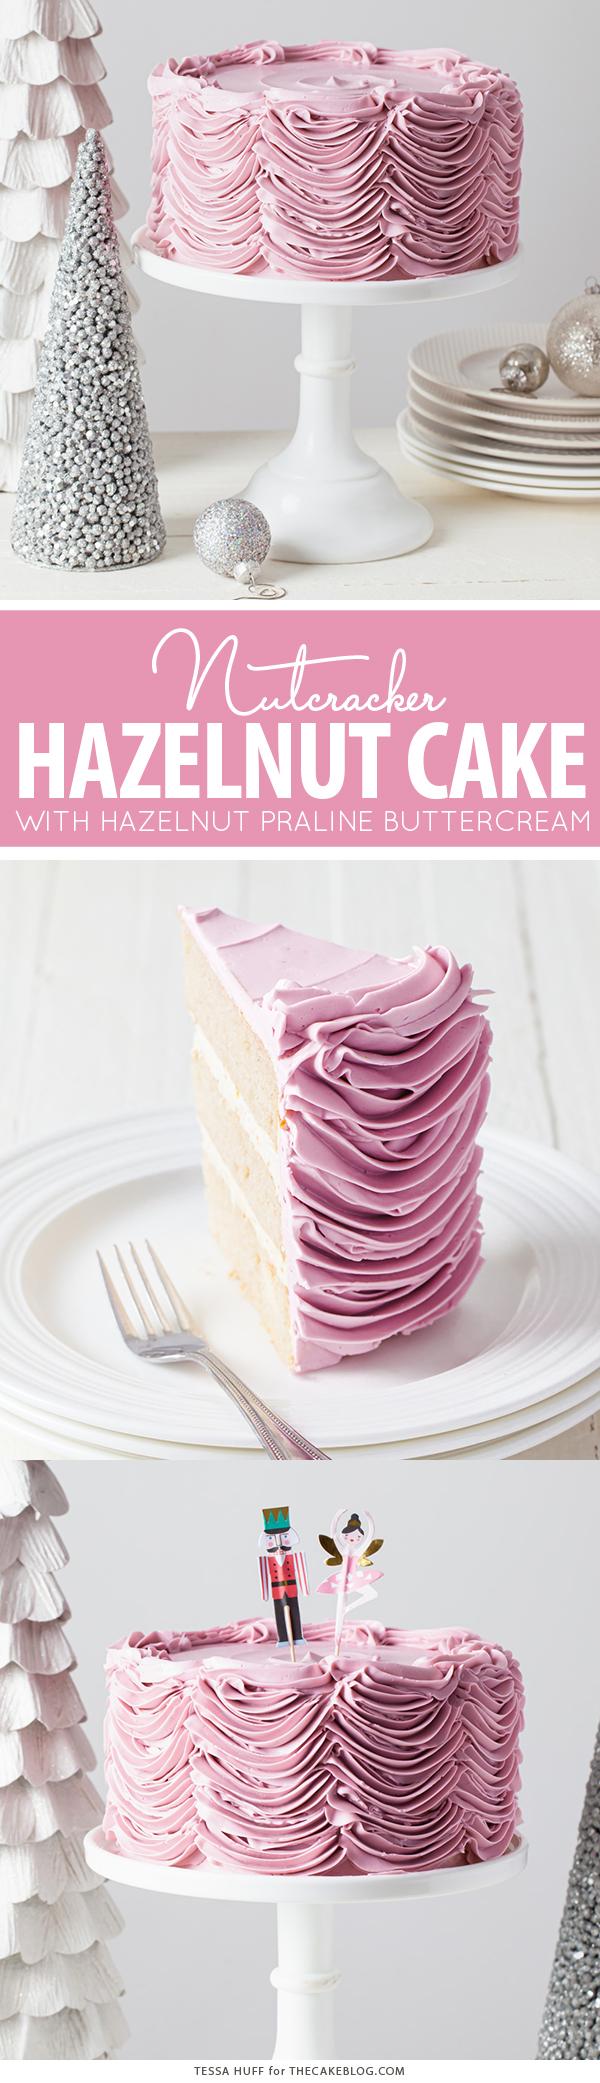 Hazelnut Nutcracker Cake - a brown sugar nutmeg cake with hazelnut praline buttercream | by Tessa Huff for TheCakeBlog.com